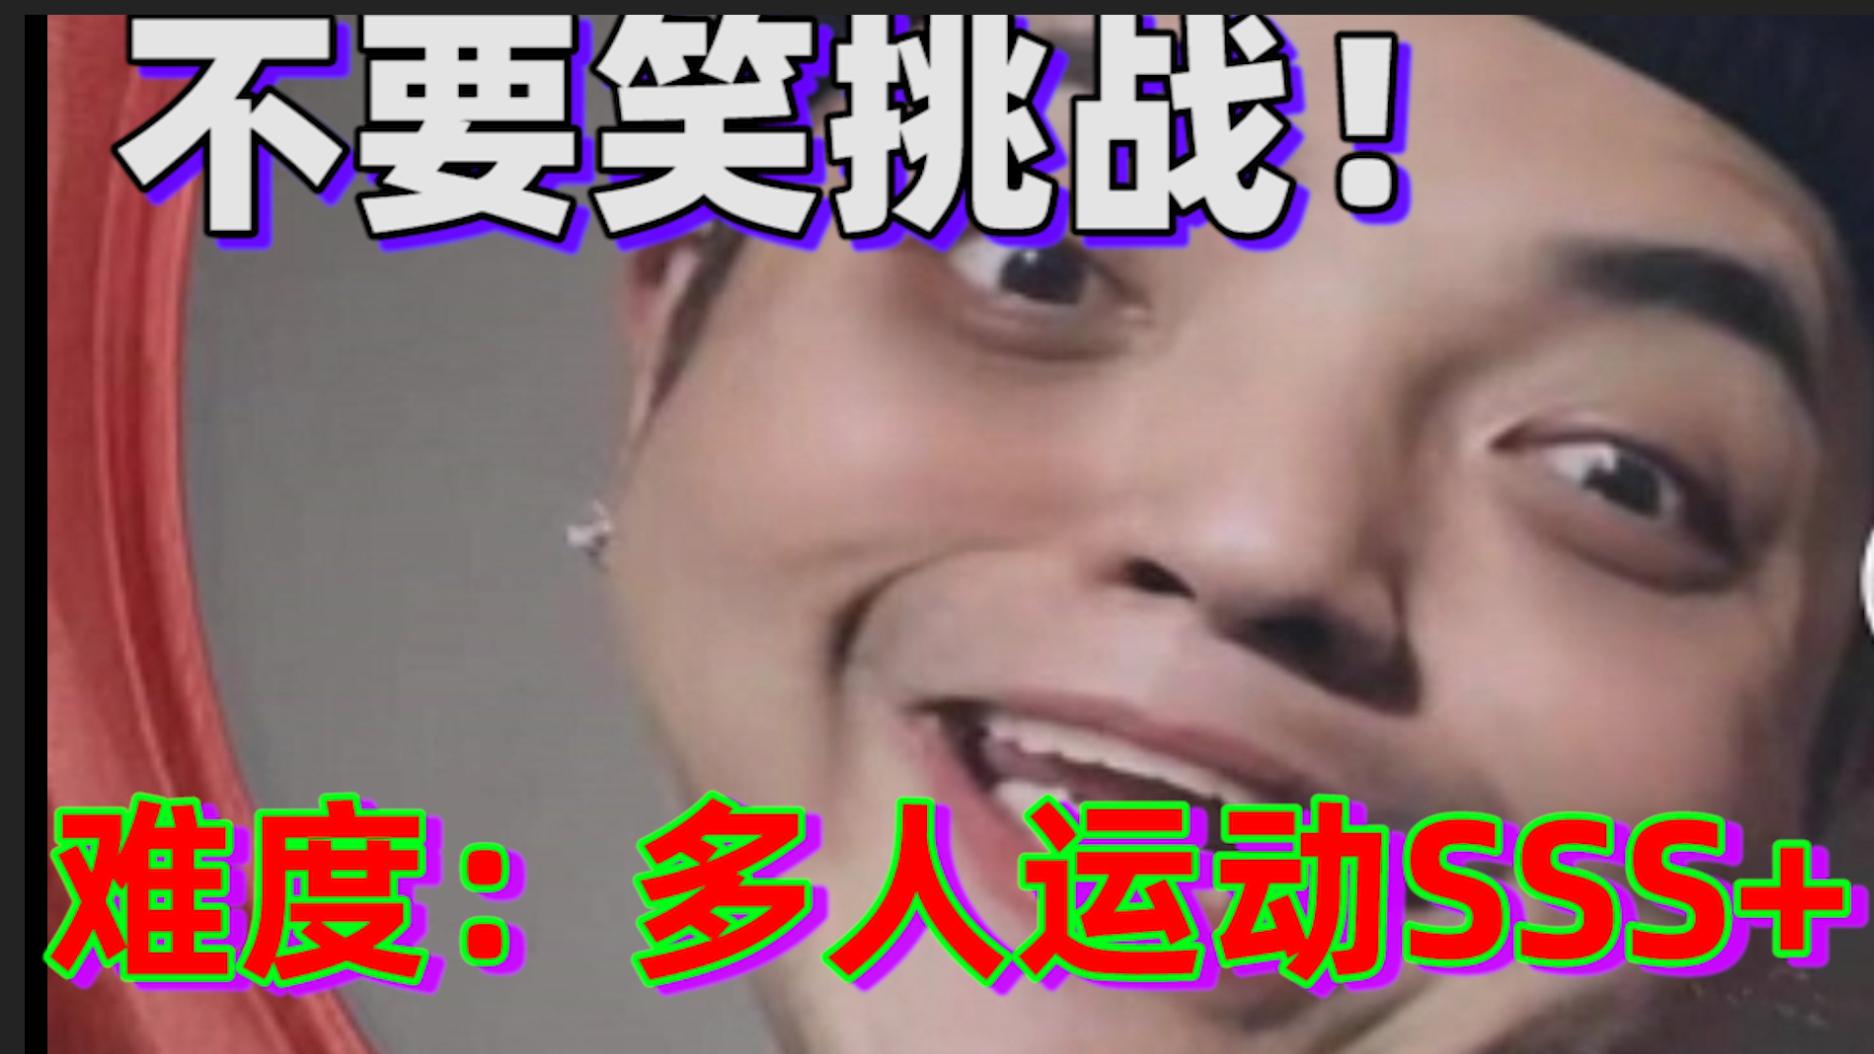 【不要笑挑战】难度:王下七武海   你能坚持不笑吗?